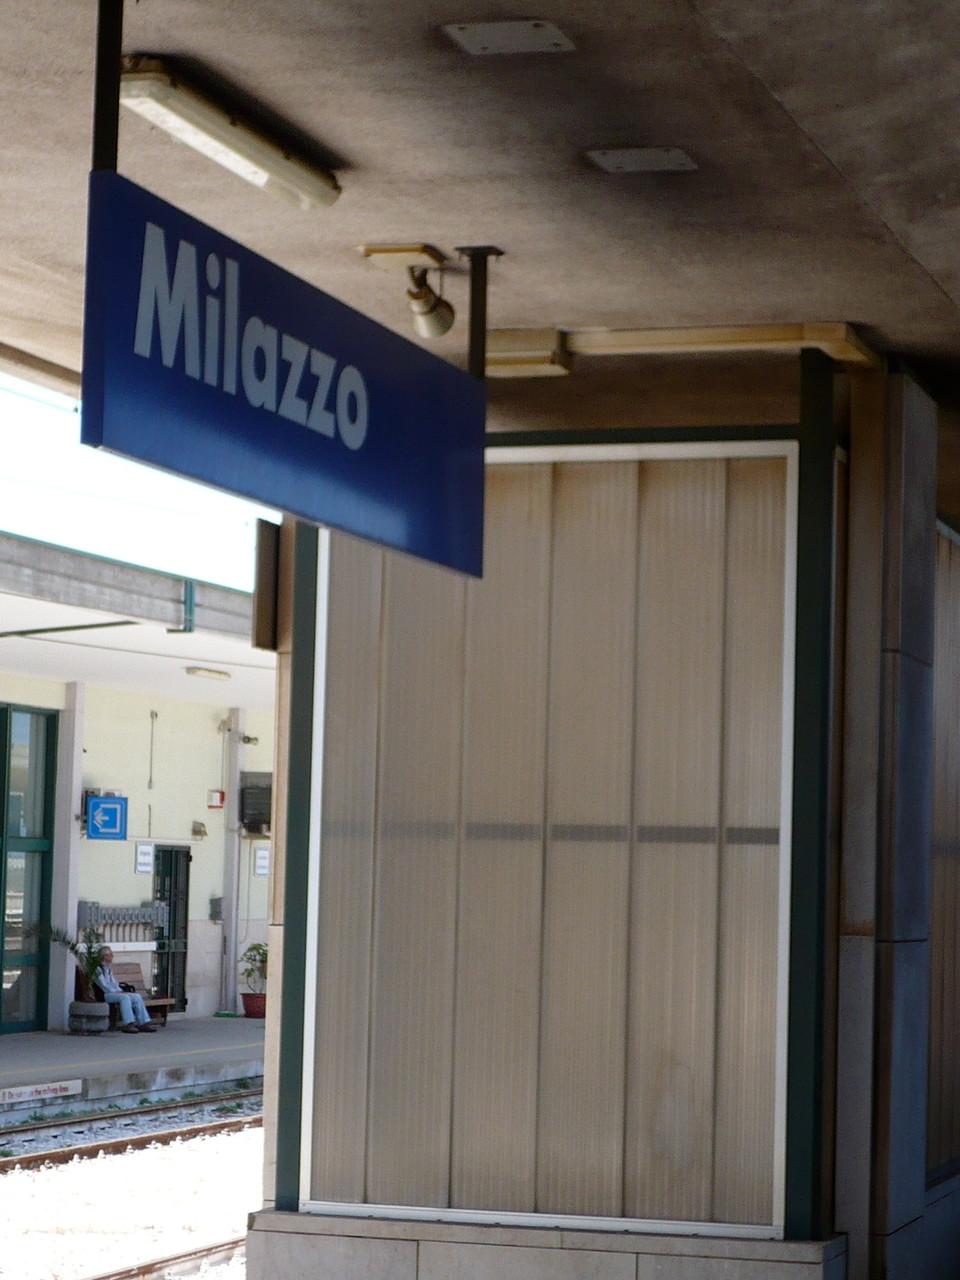 Milazzo ist einer der größeren Küstenorte und zugleich Fährhafen zu den Liparischen Inseln.